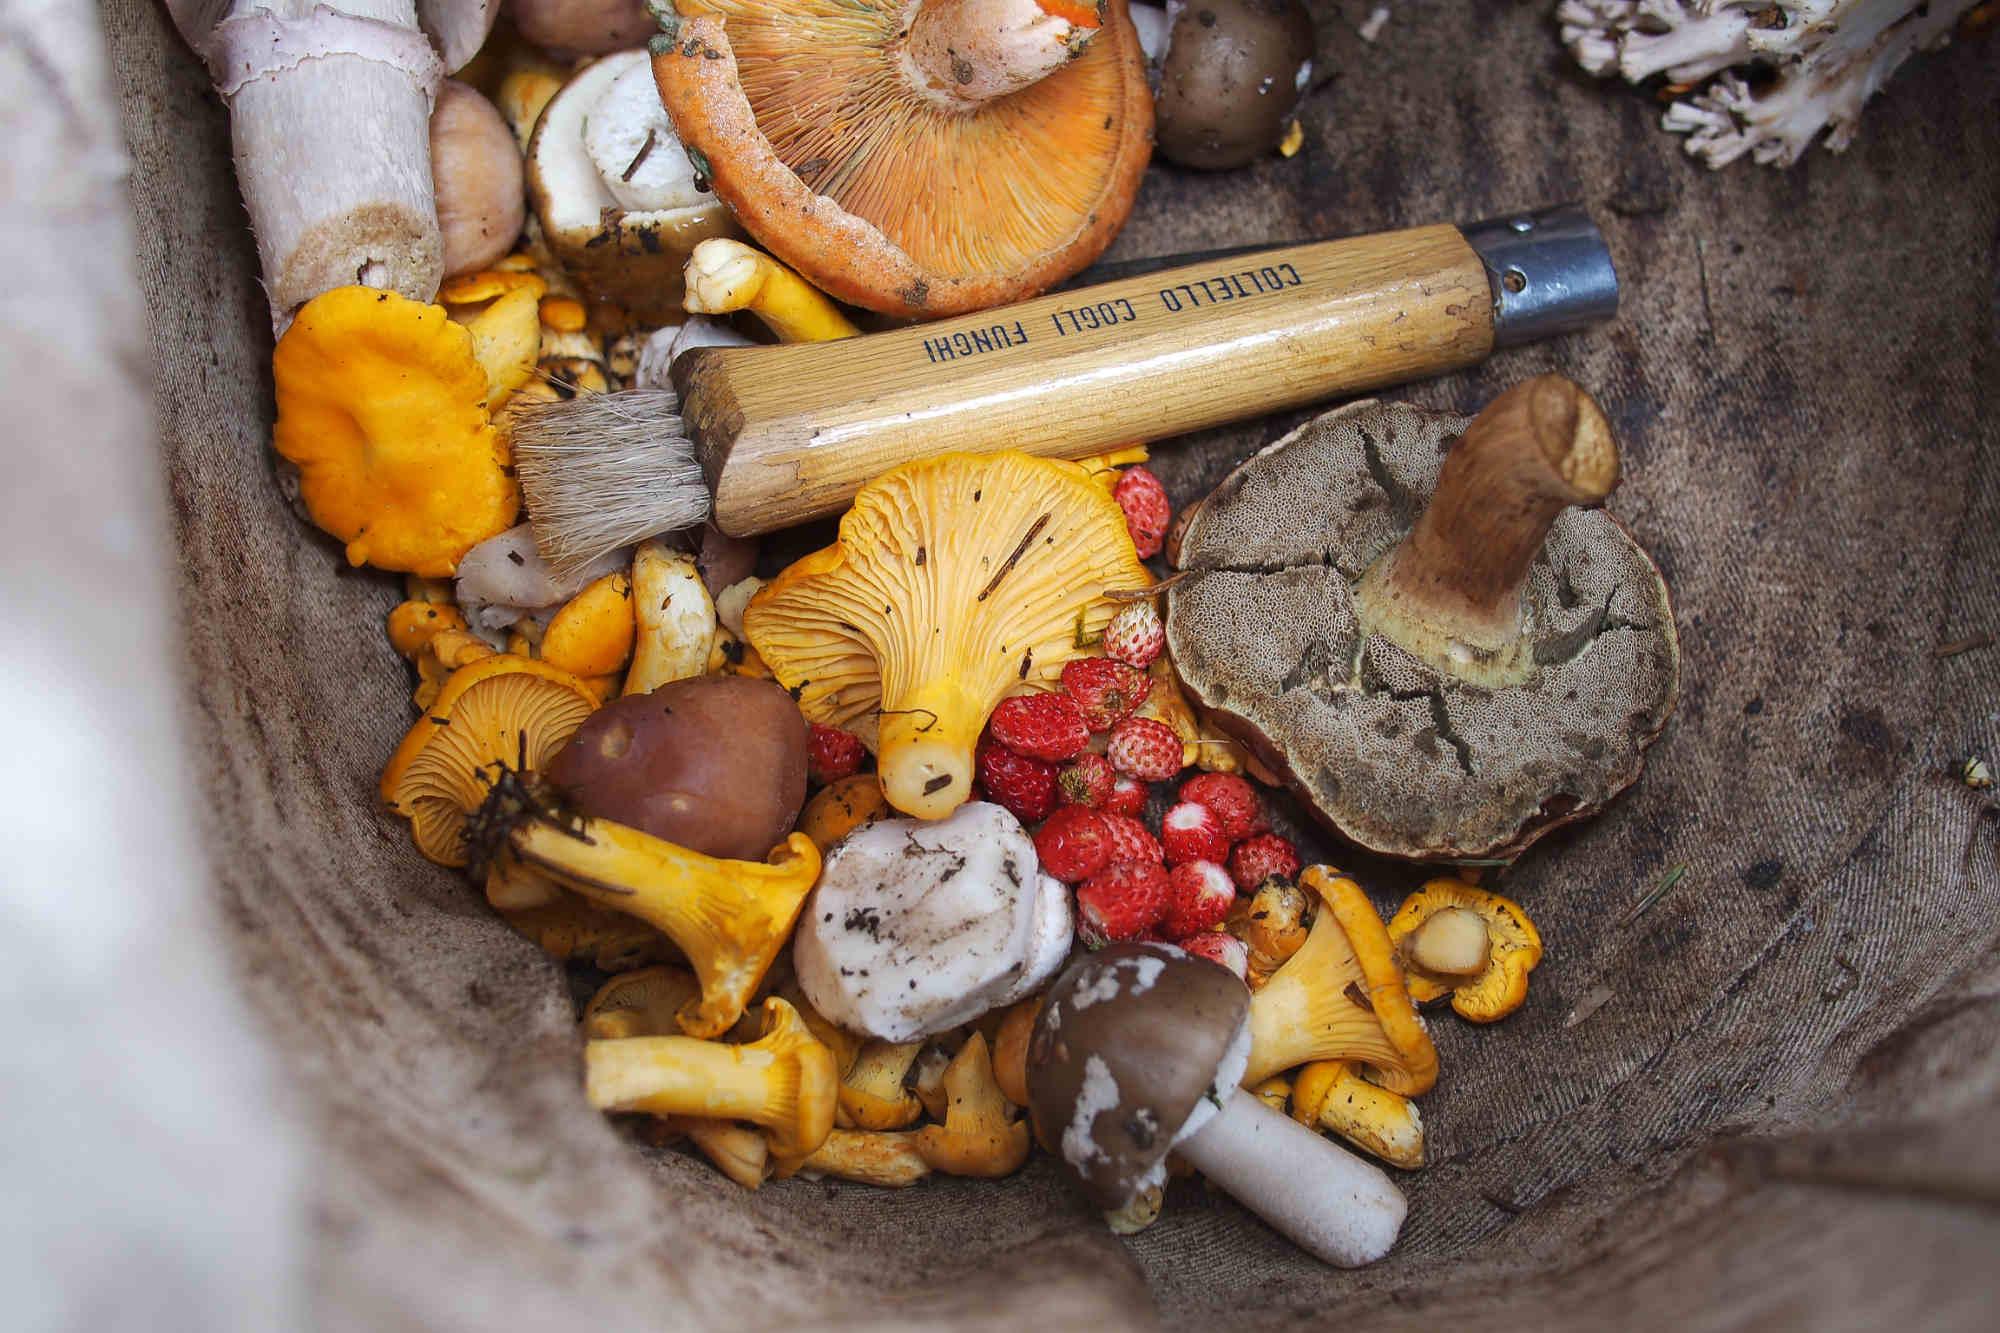 Panier de champignons comestibles